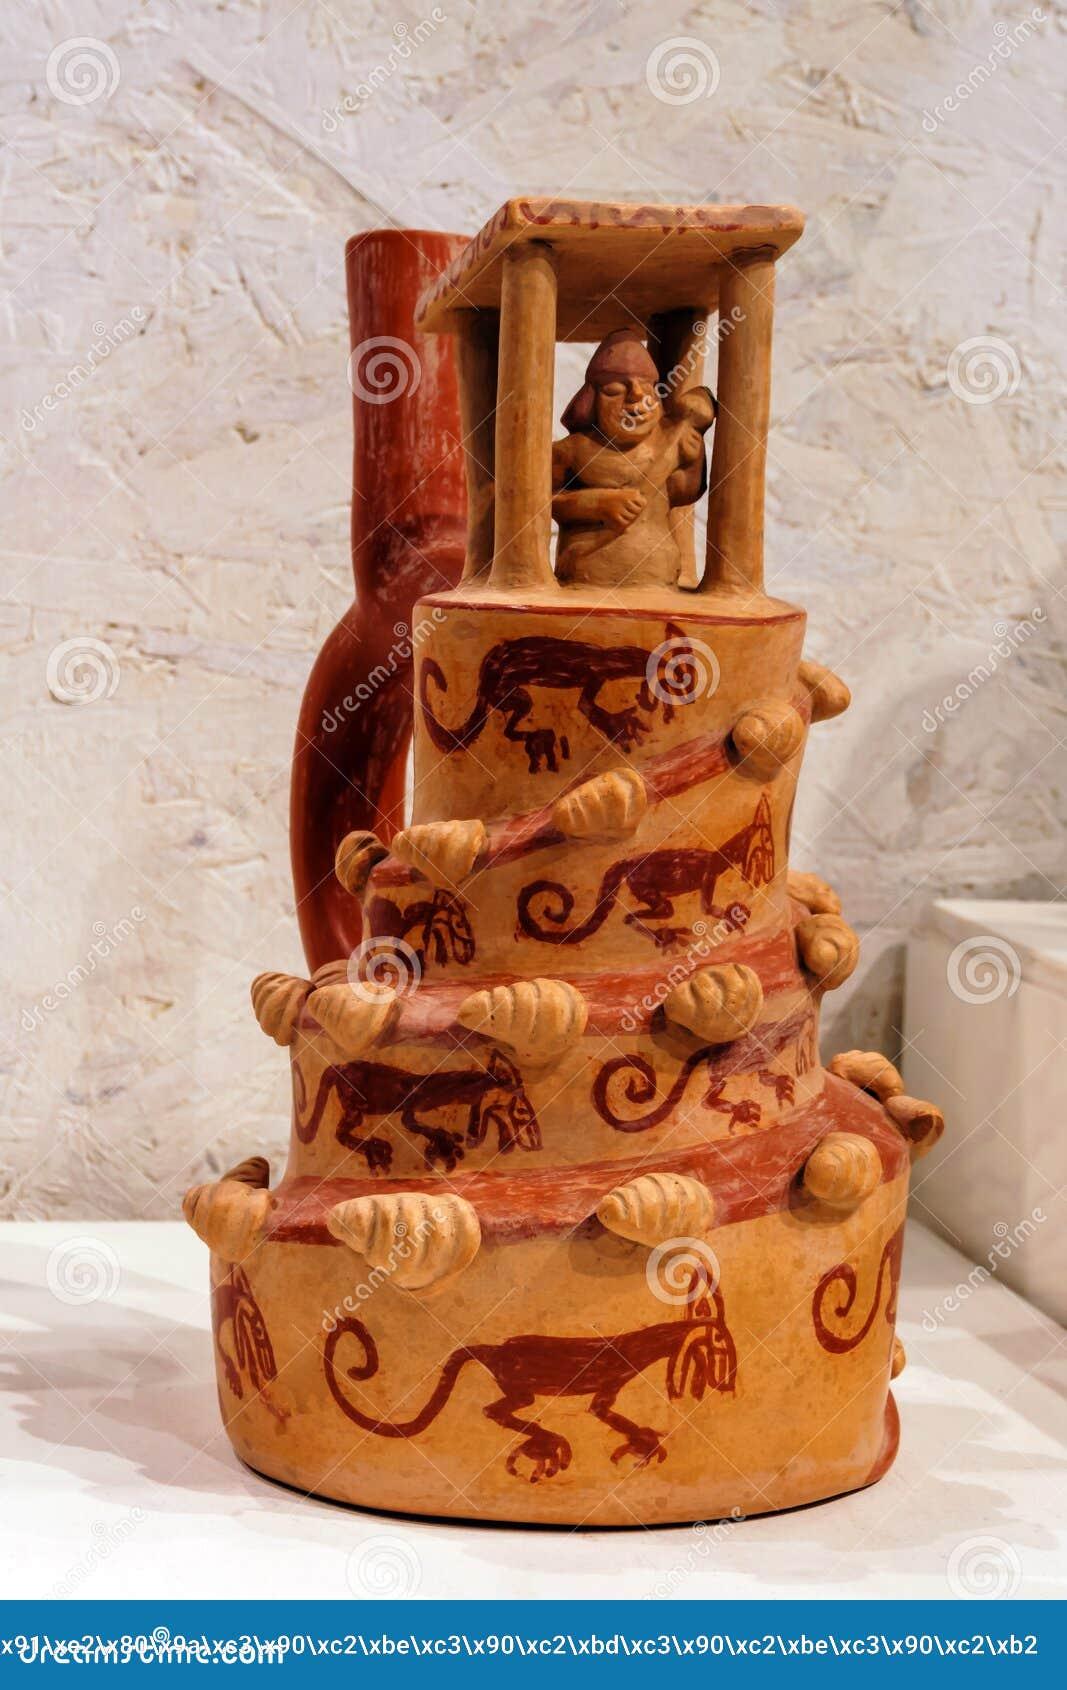 Navire en céramique antique sous forme de structure architecturale, culture de Moche